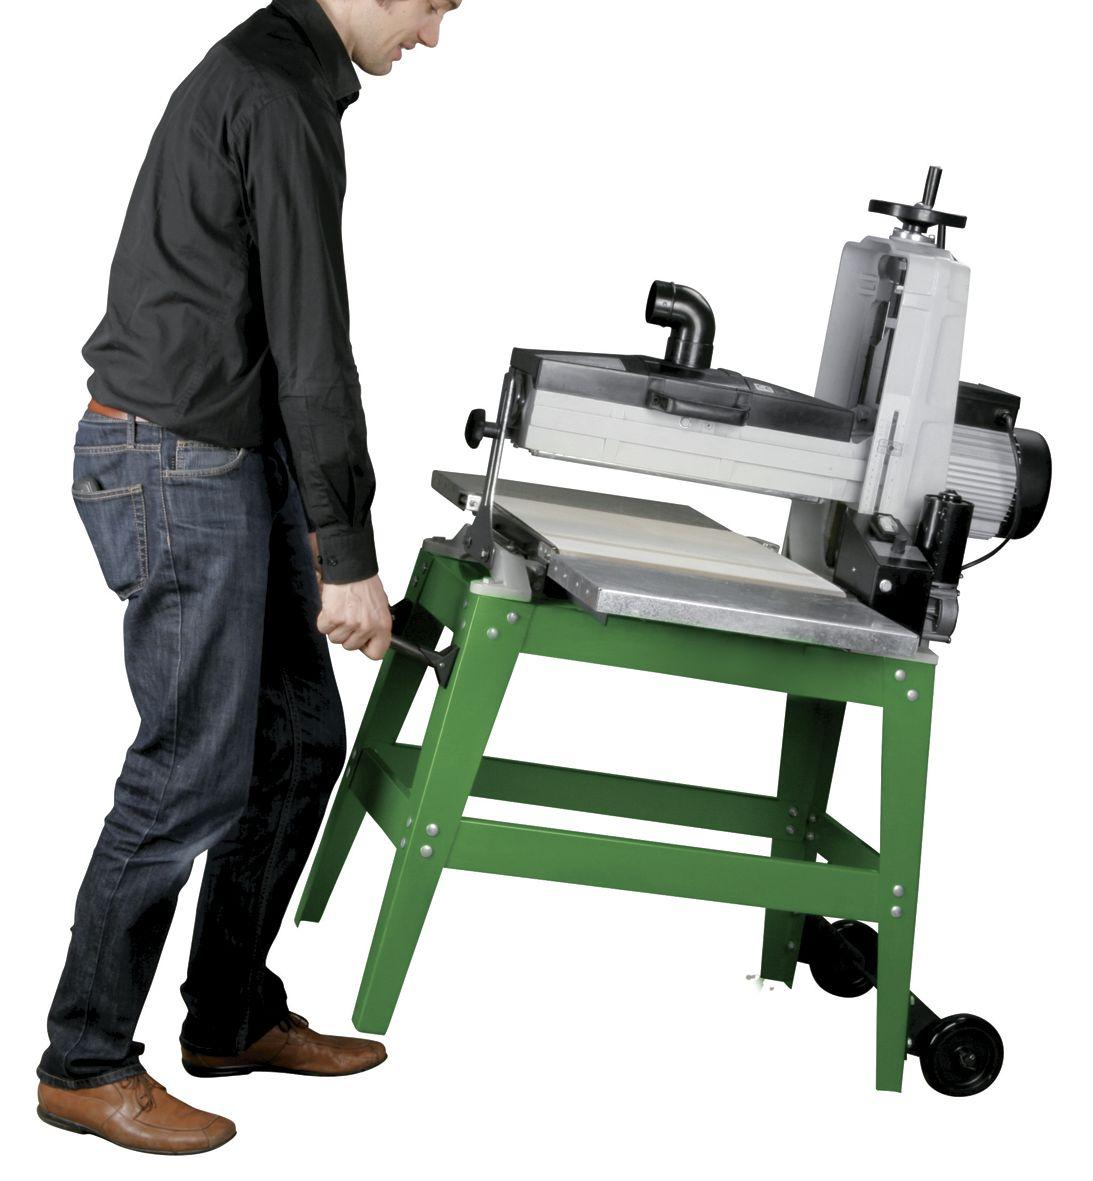 zsm405 ponceuses bande et d gauchisseuses machines pour le bois vynckier tools. Black Bedroom Furniture Sets. Home Design Ideas